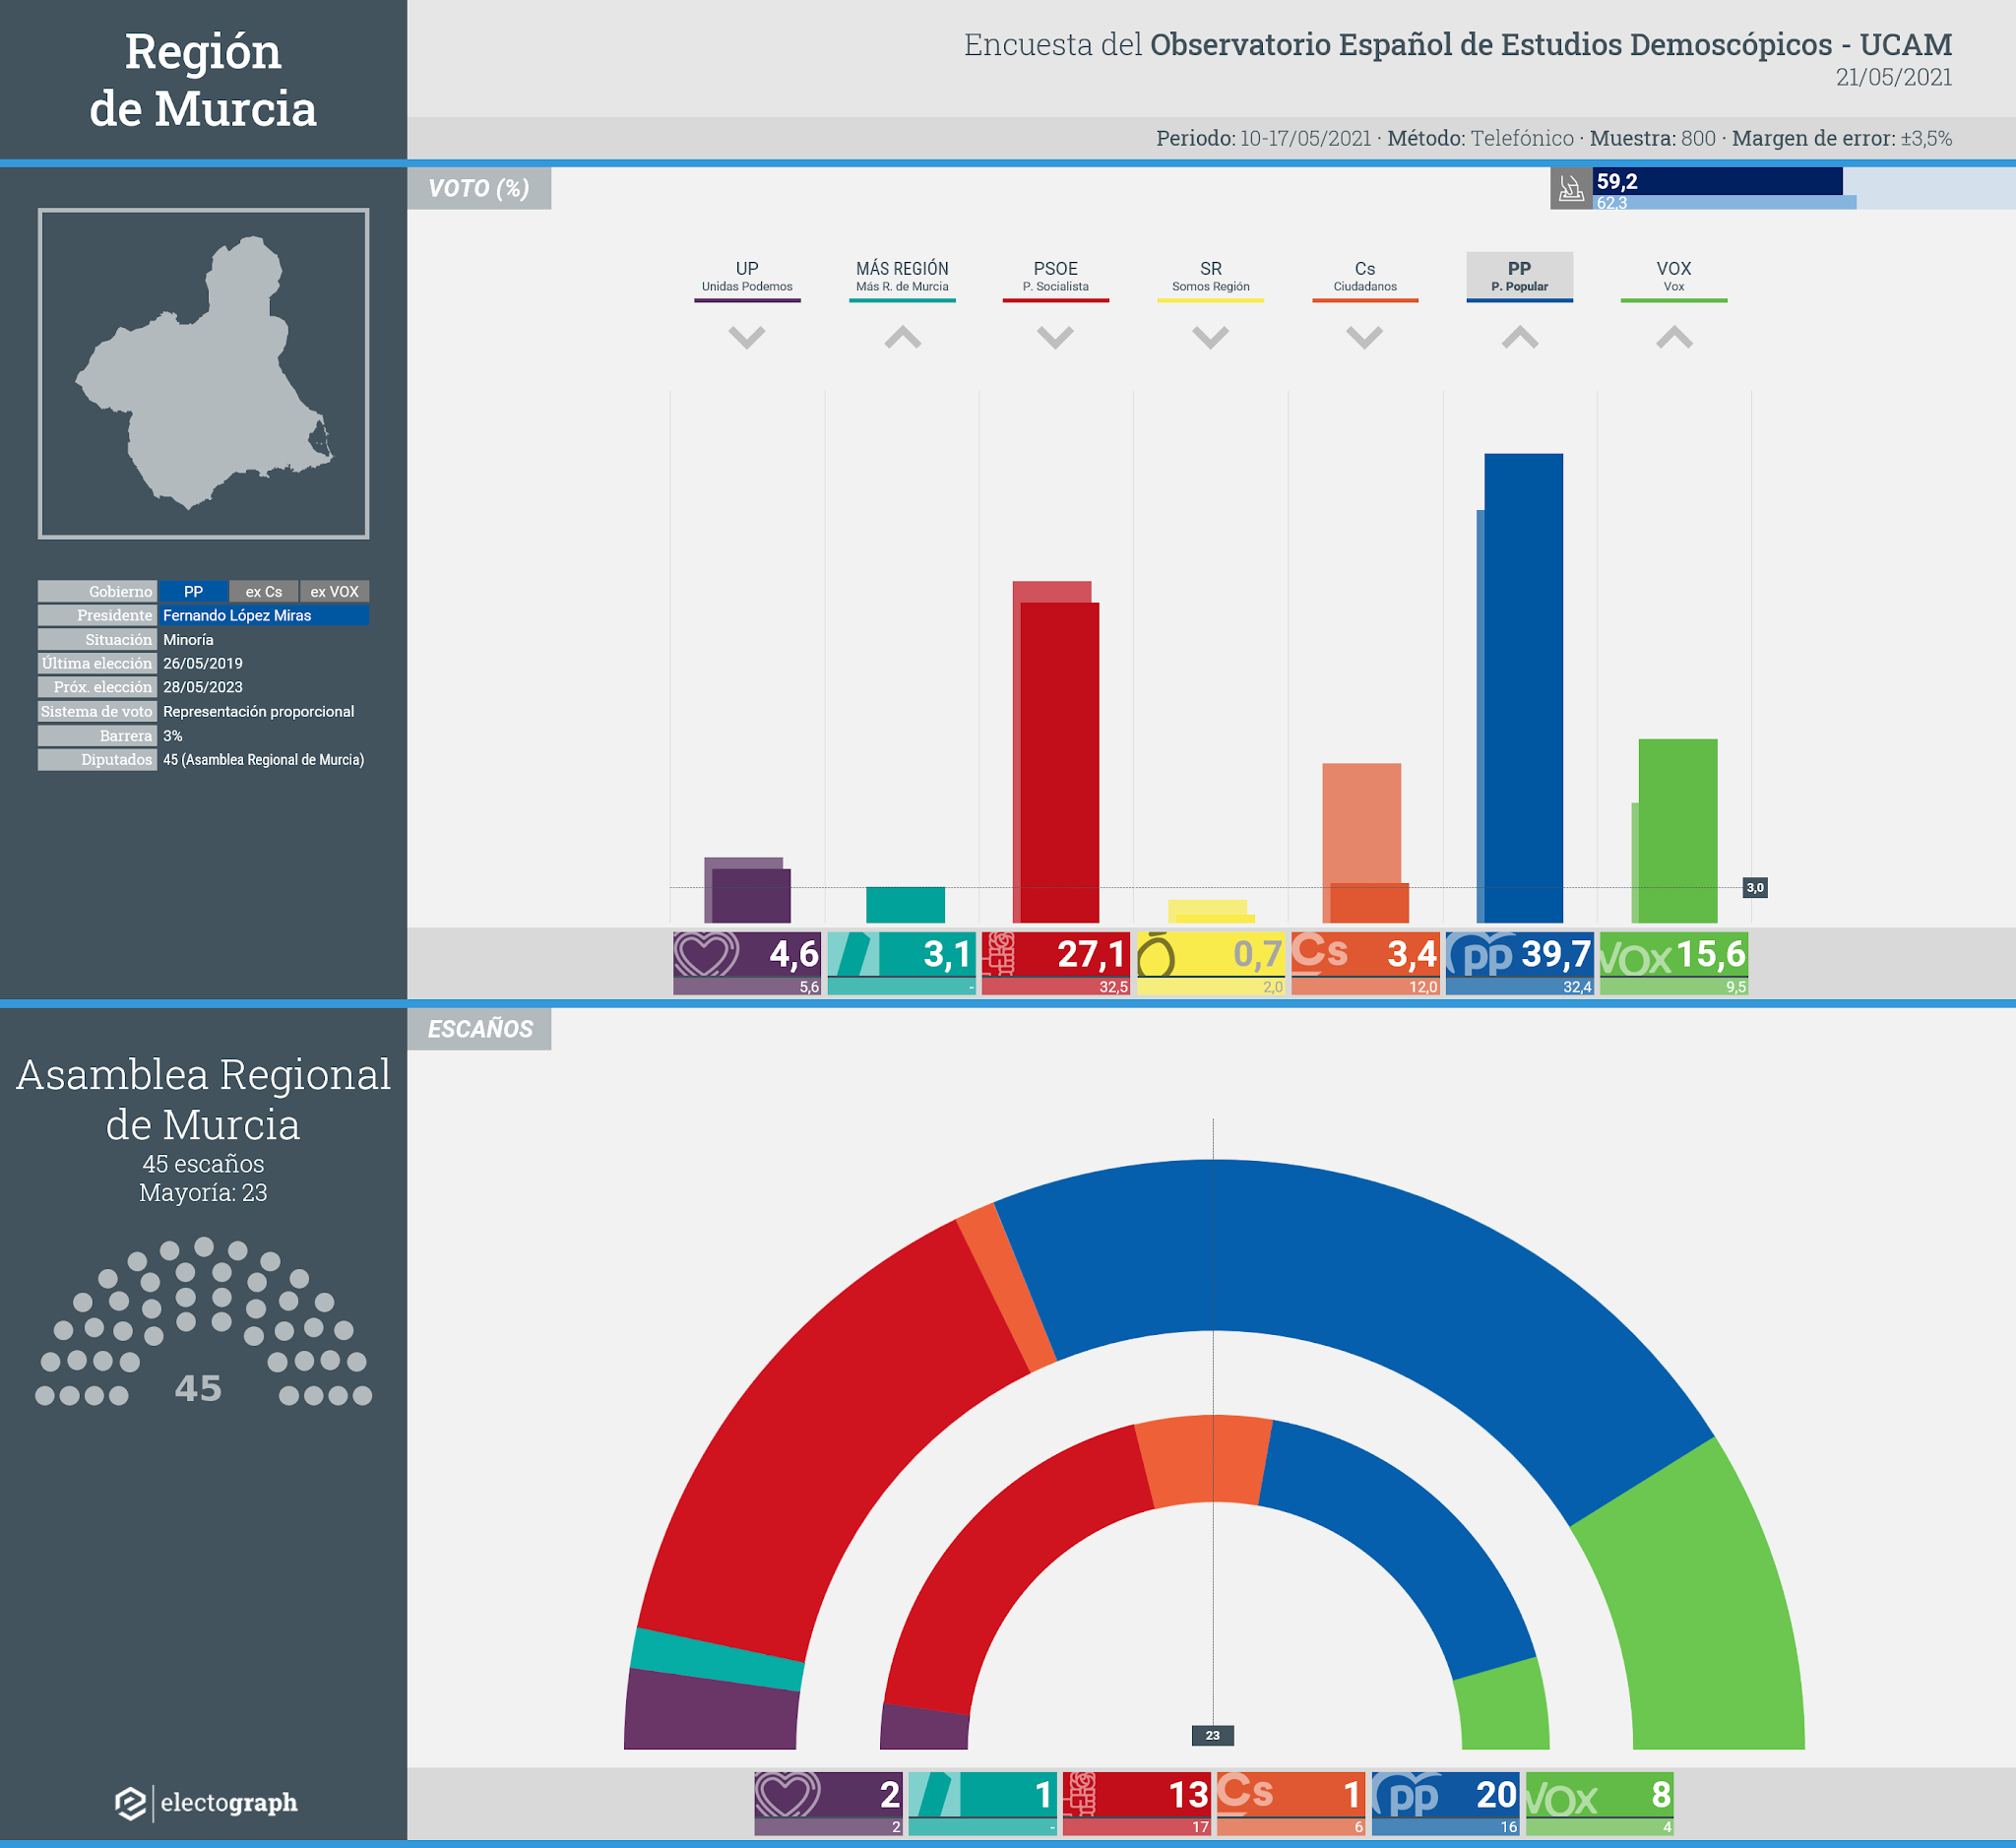 Gráfico de la encuesta para elecciones autonómicas en la Región de Murcia realizada por el Observatorio Español de Estudios Demoscópicos (UCAM), 21 de mayo de 2021